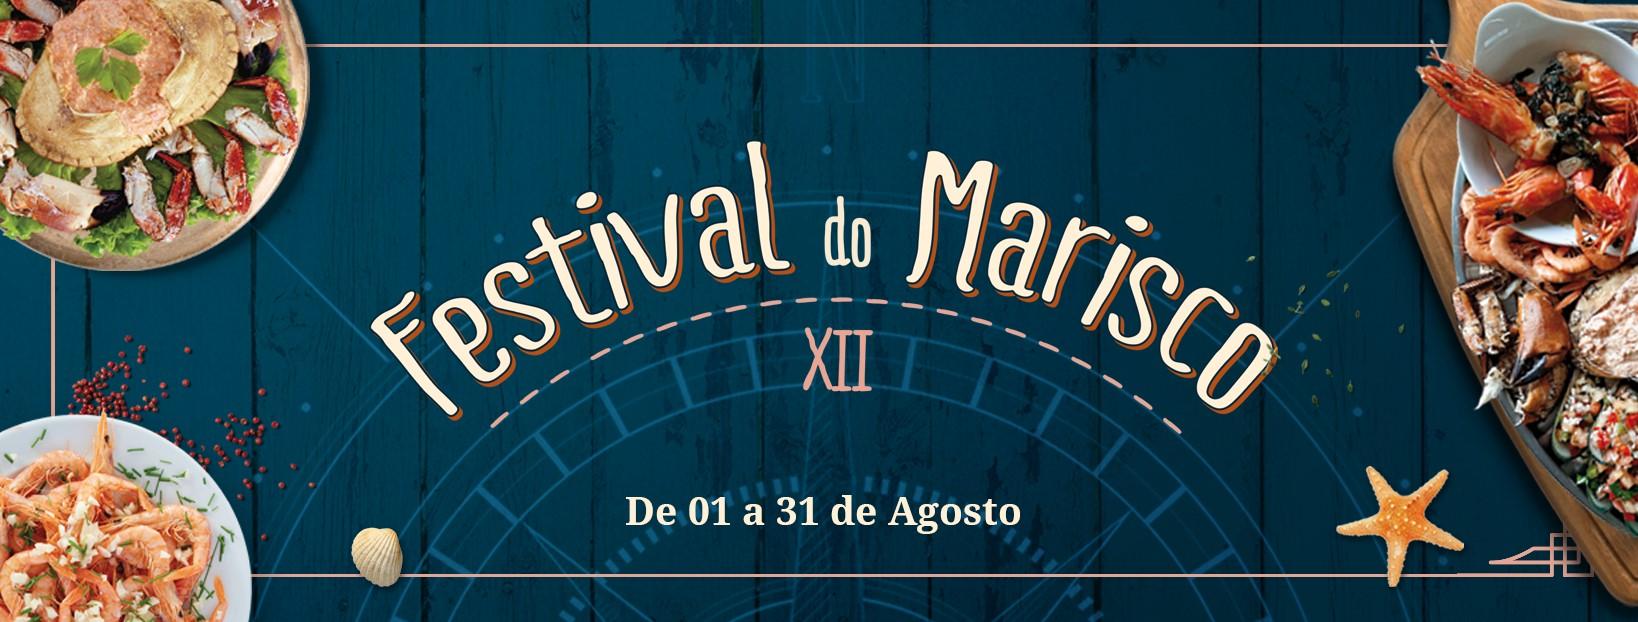 festivalmarisco